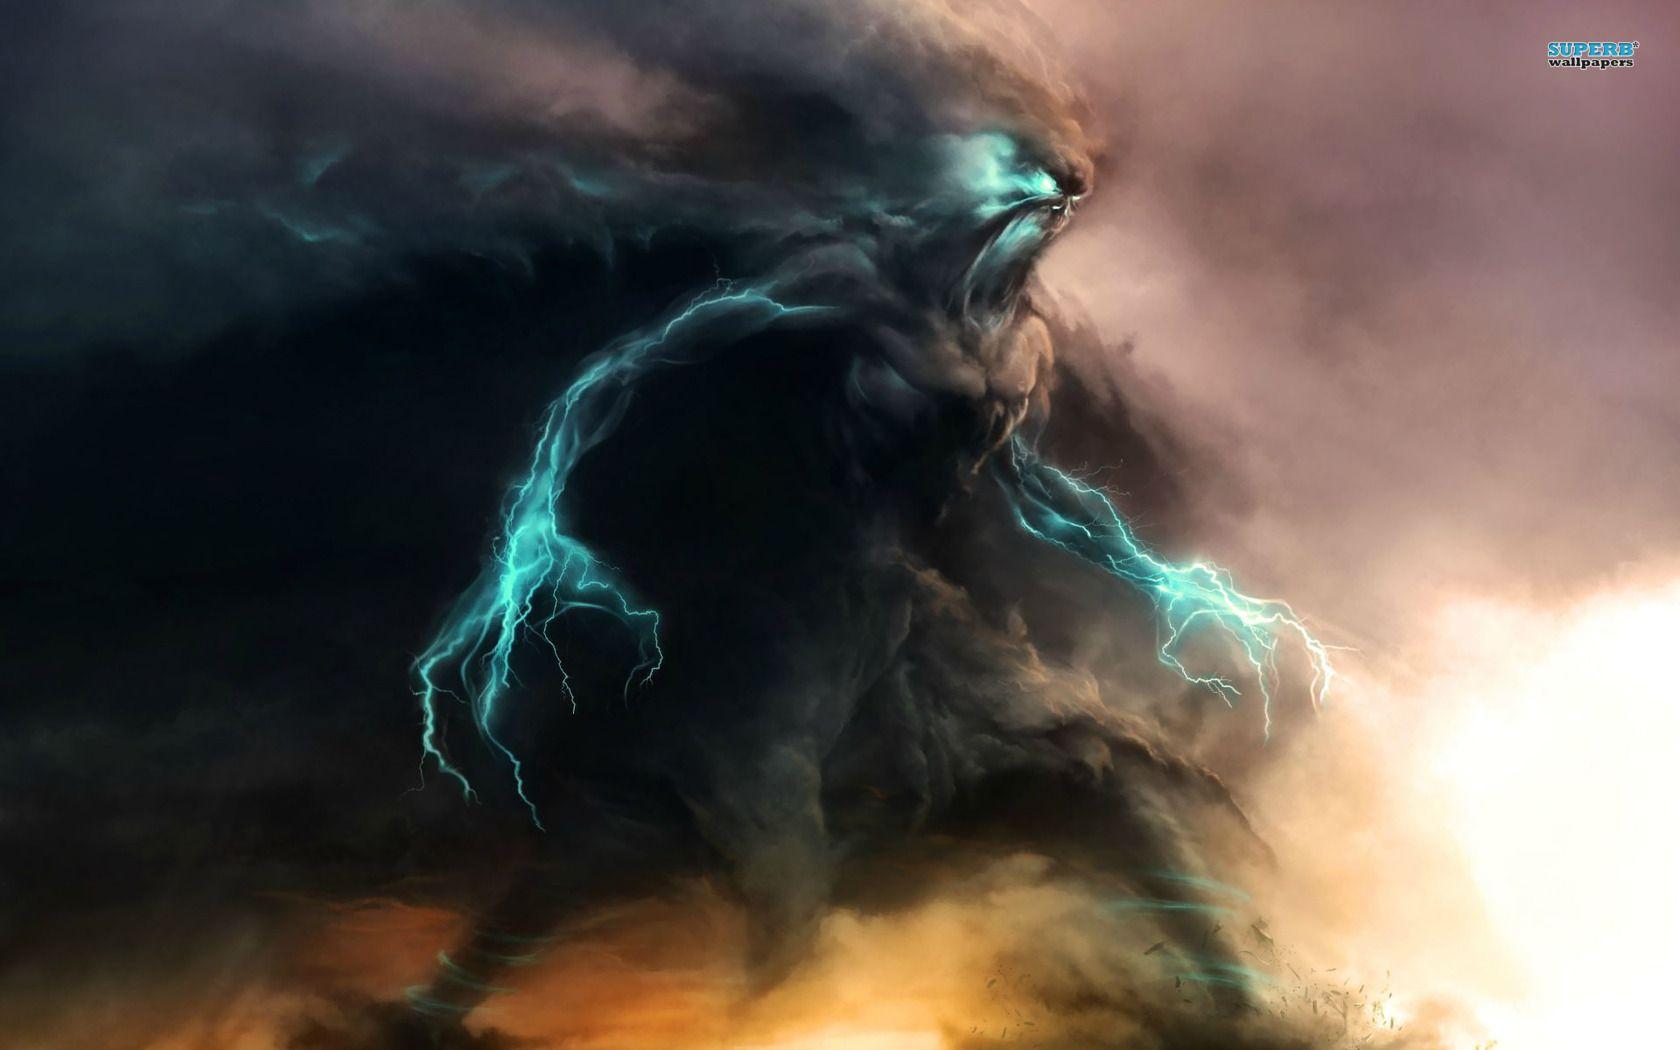 Storm Monster Wallpaper Digital Wallpaper Fantasy Art Fantasy